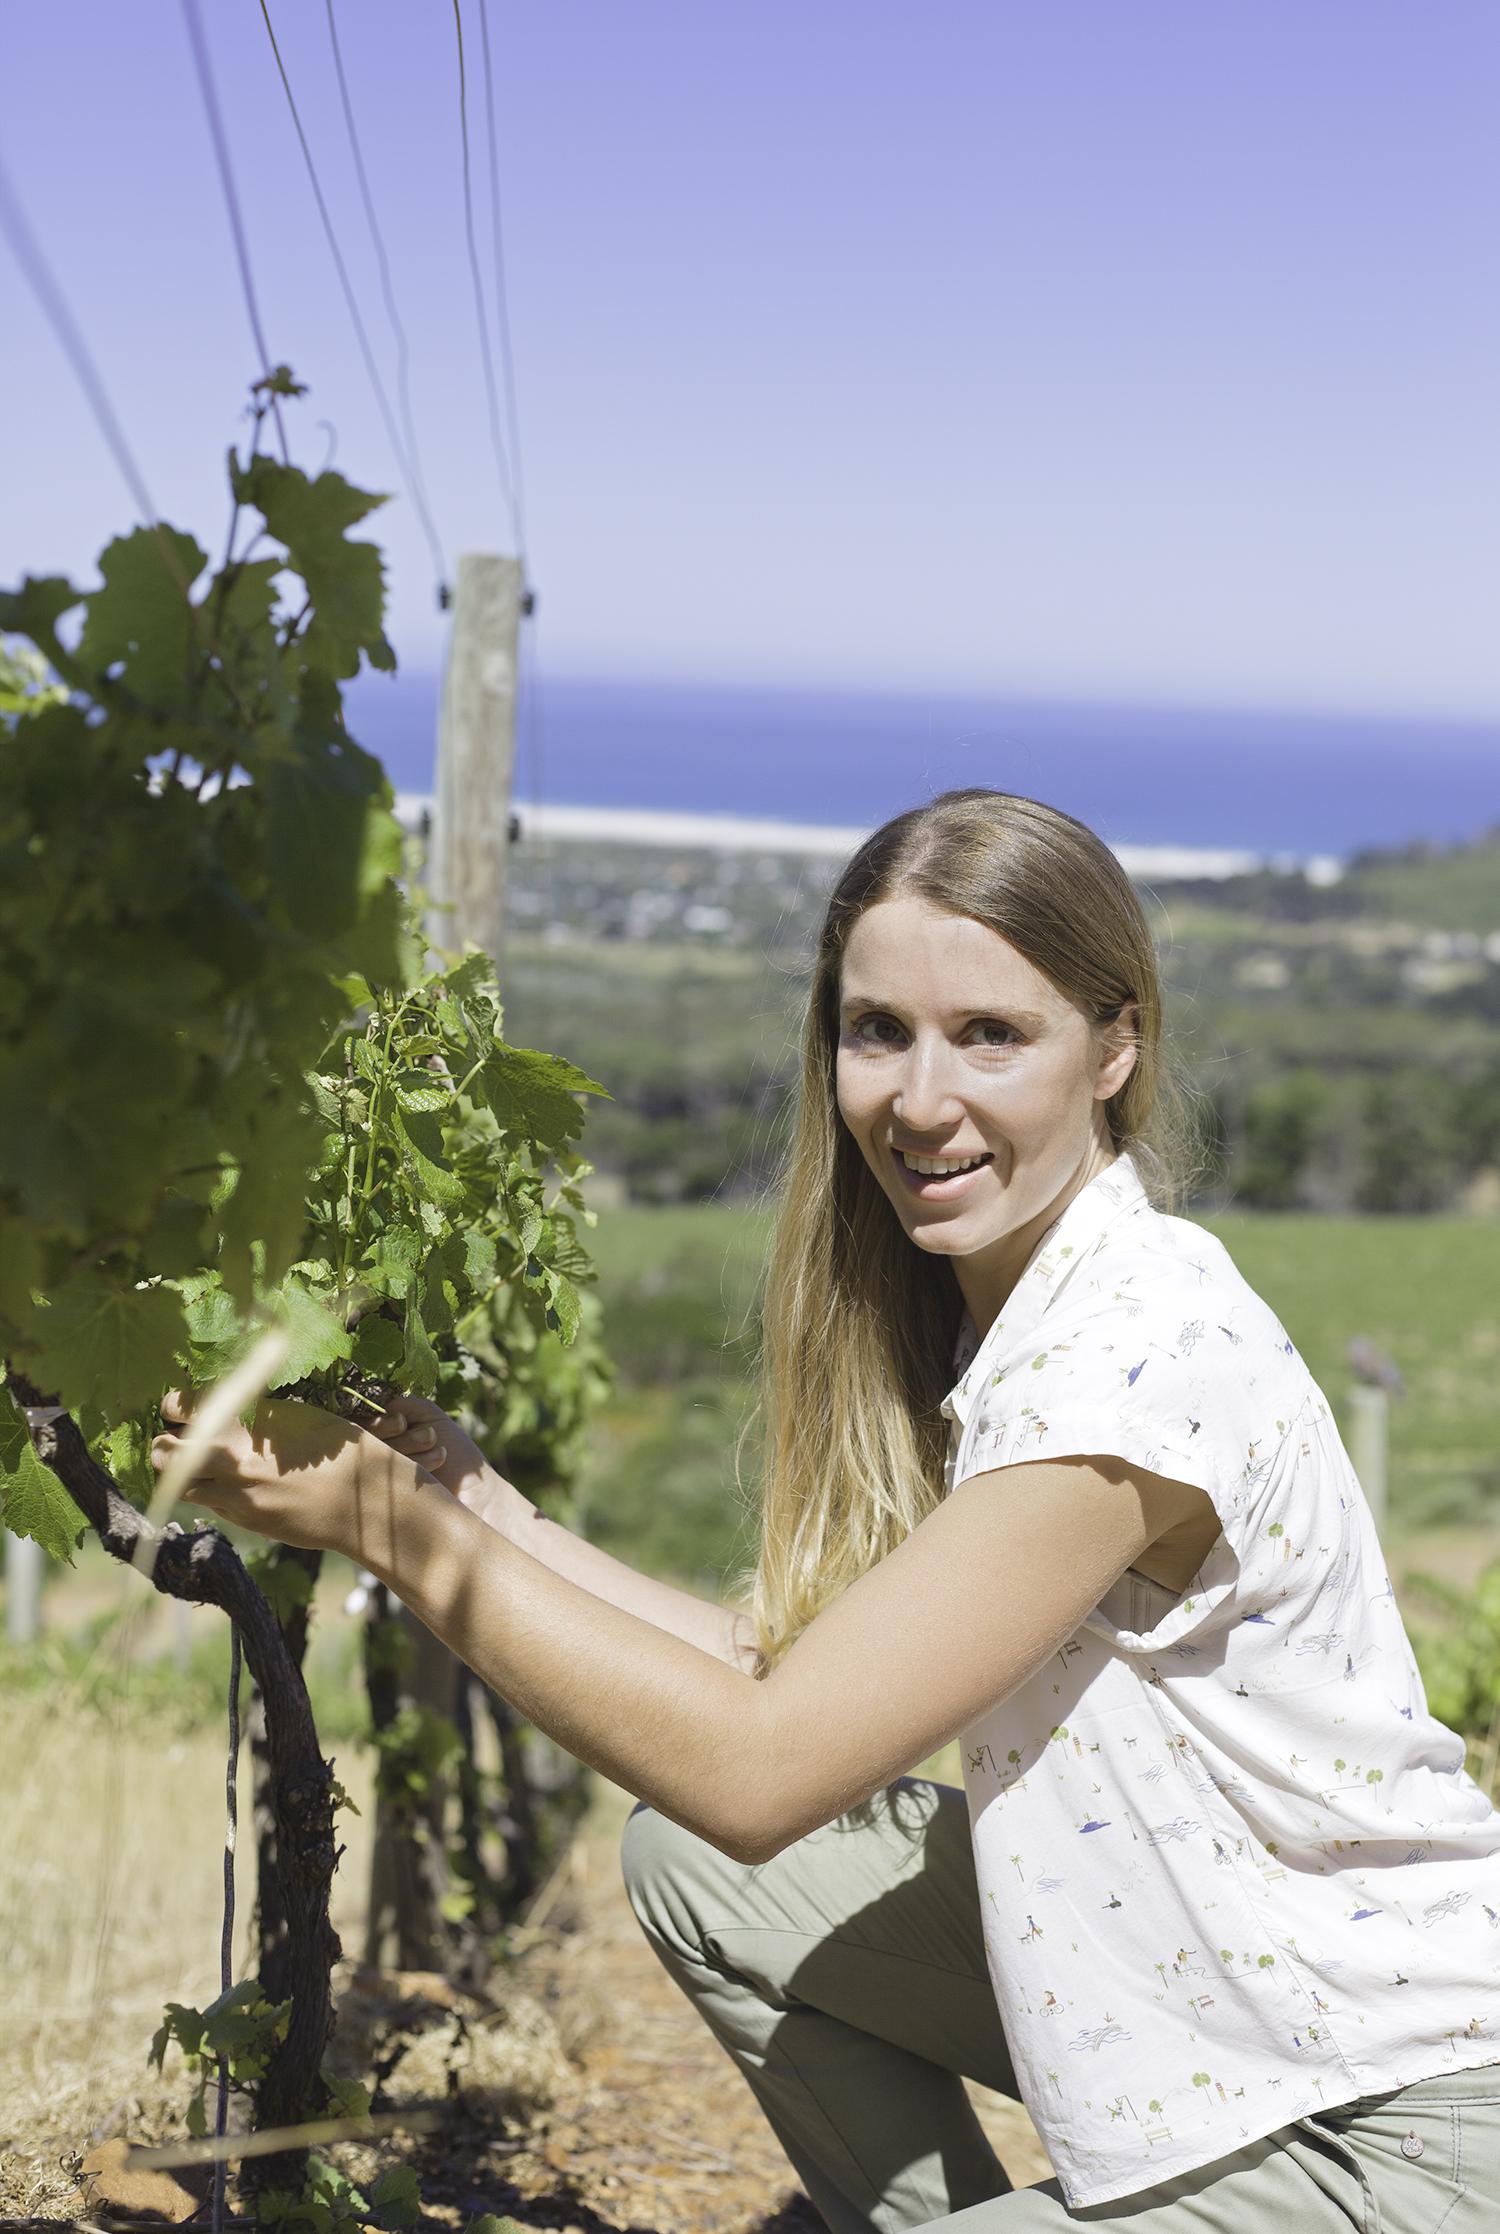 Malu Lambert: Interview With Riandri Visser Of Cape Point Vineyards photo